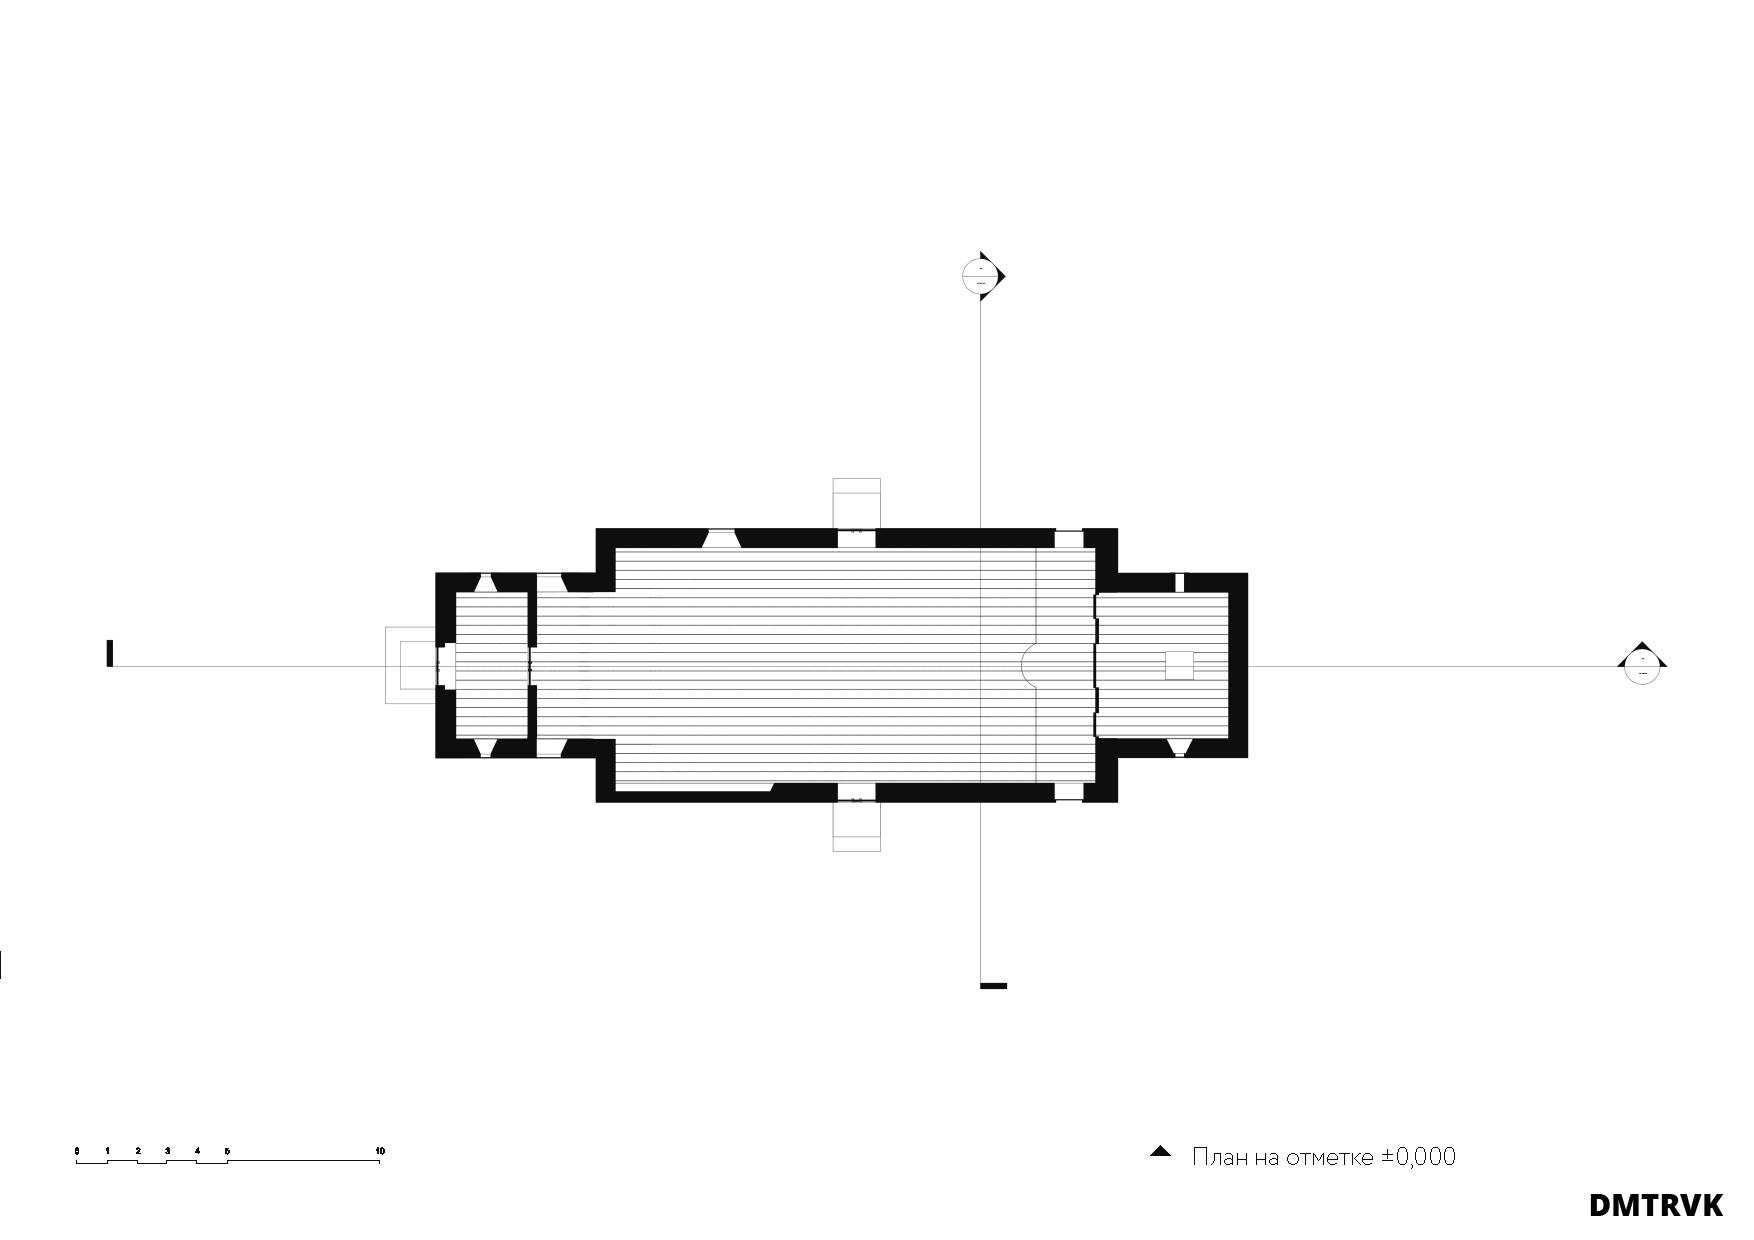 Храм на 250 человек. Схема плана. ©DMTRVK.RU